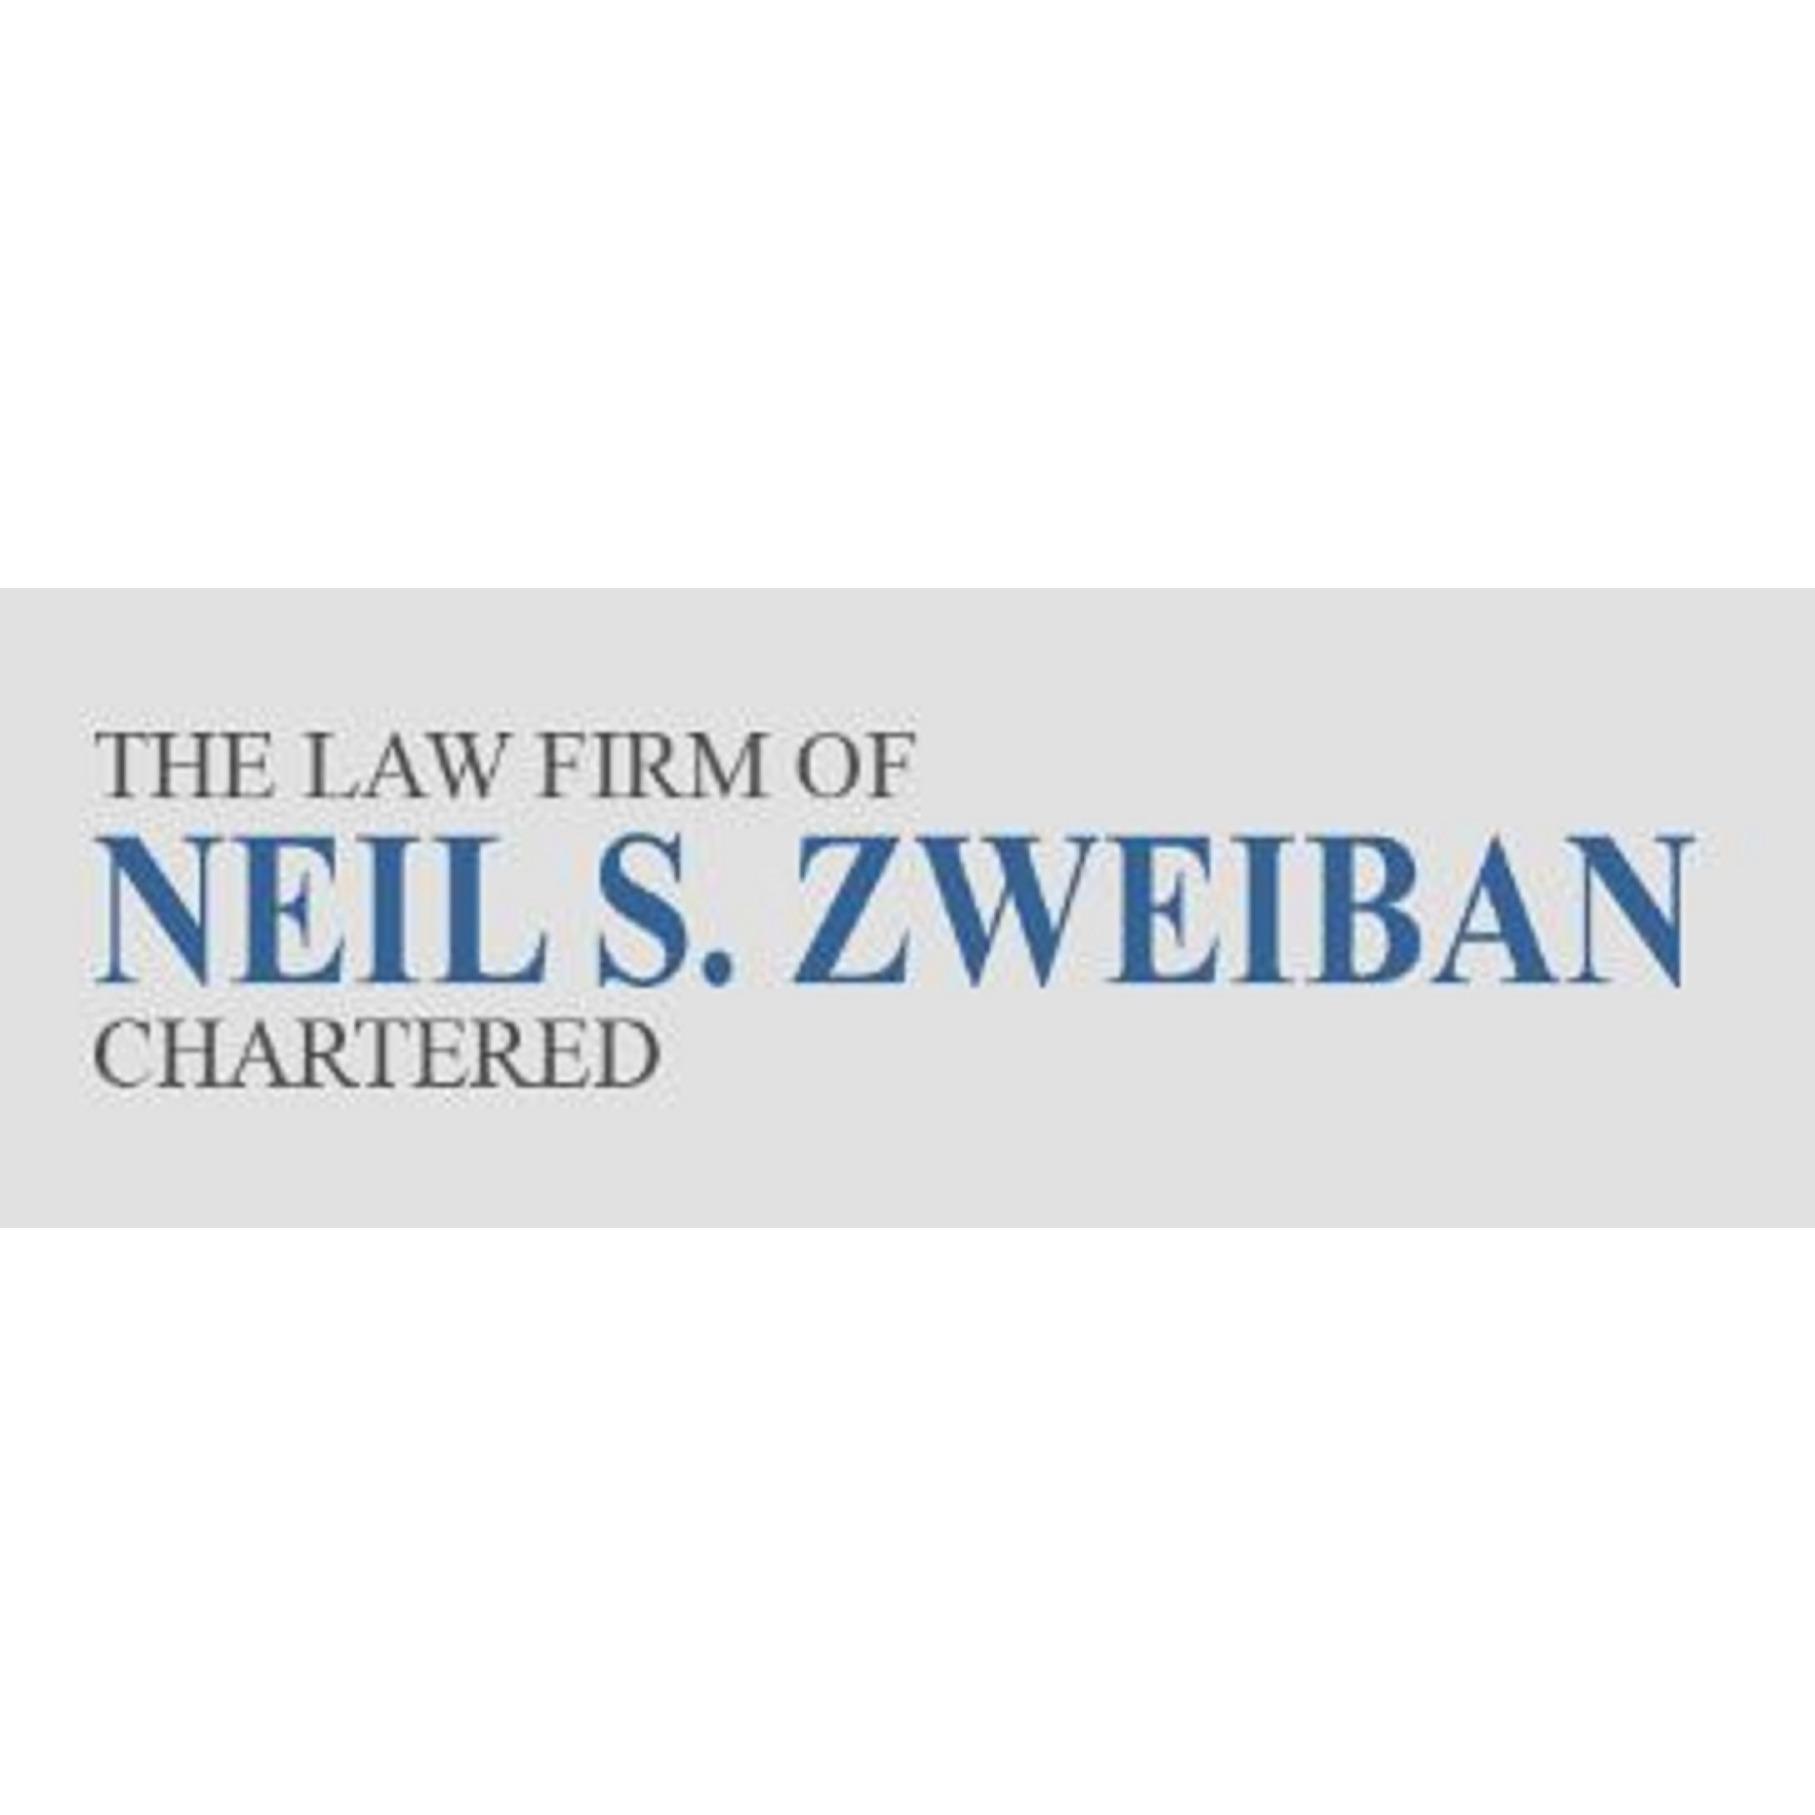 Neil S. Zweiban